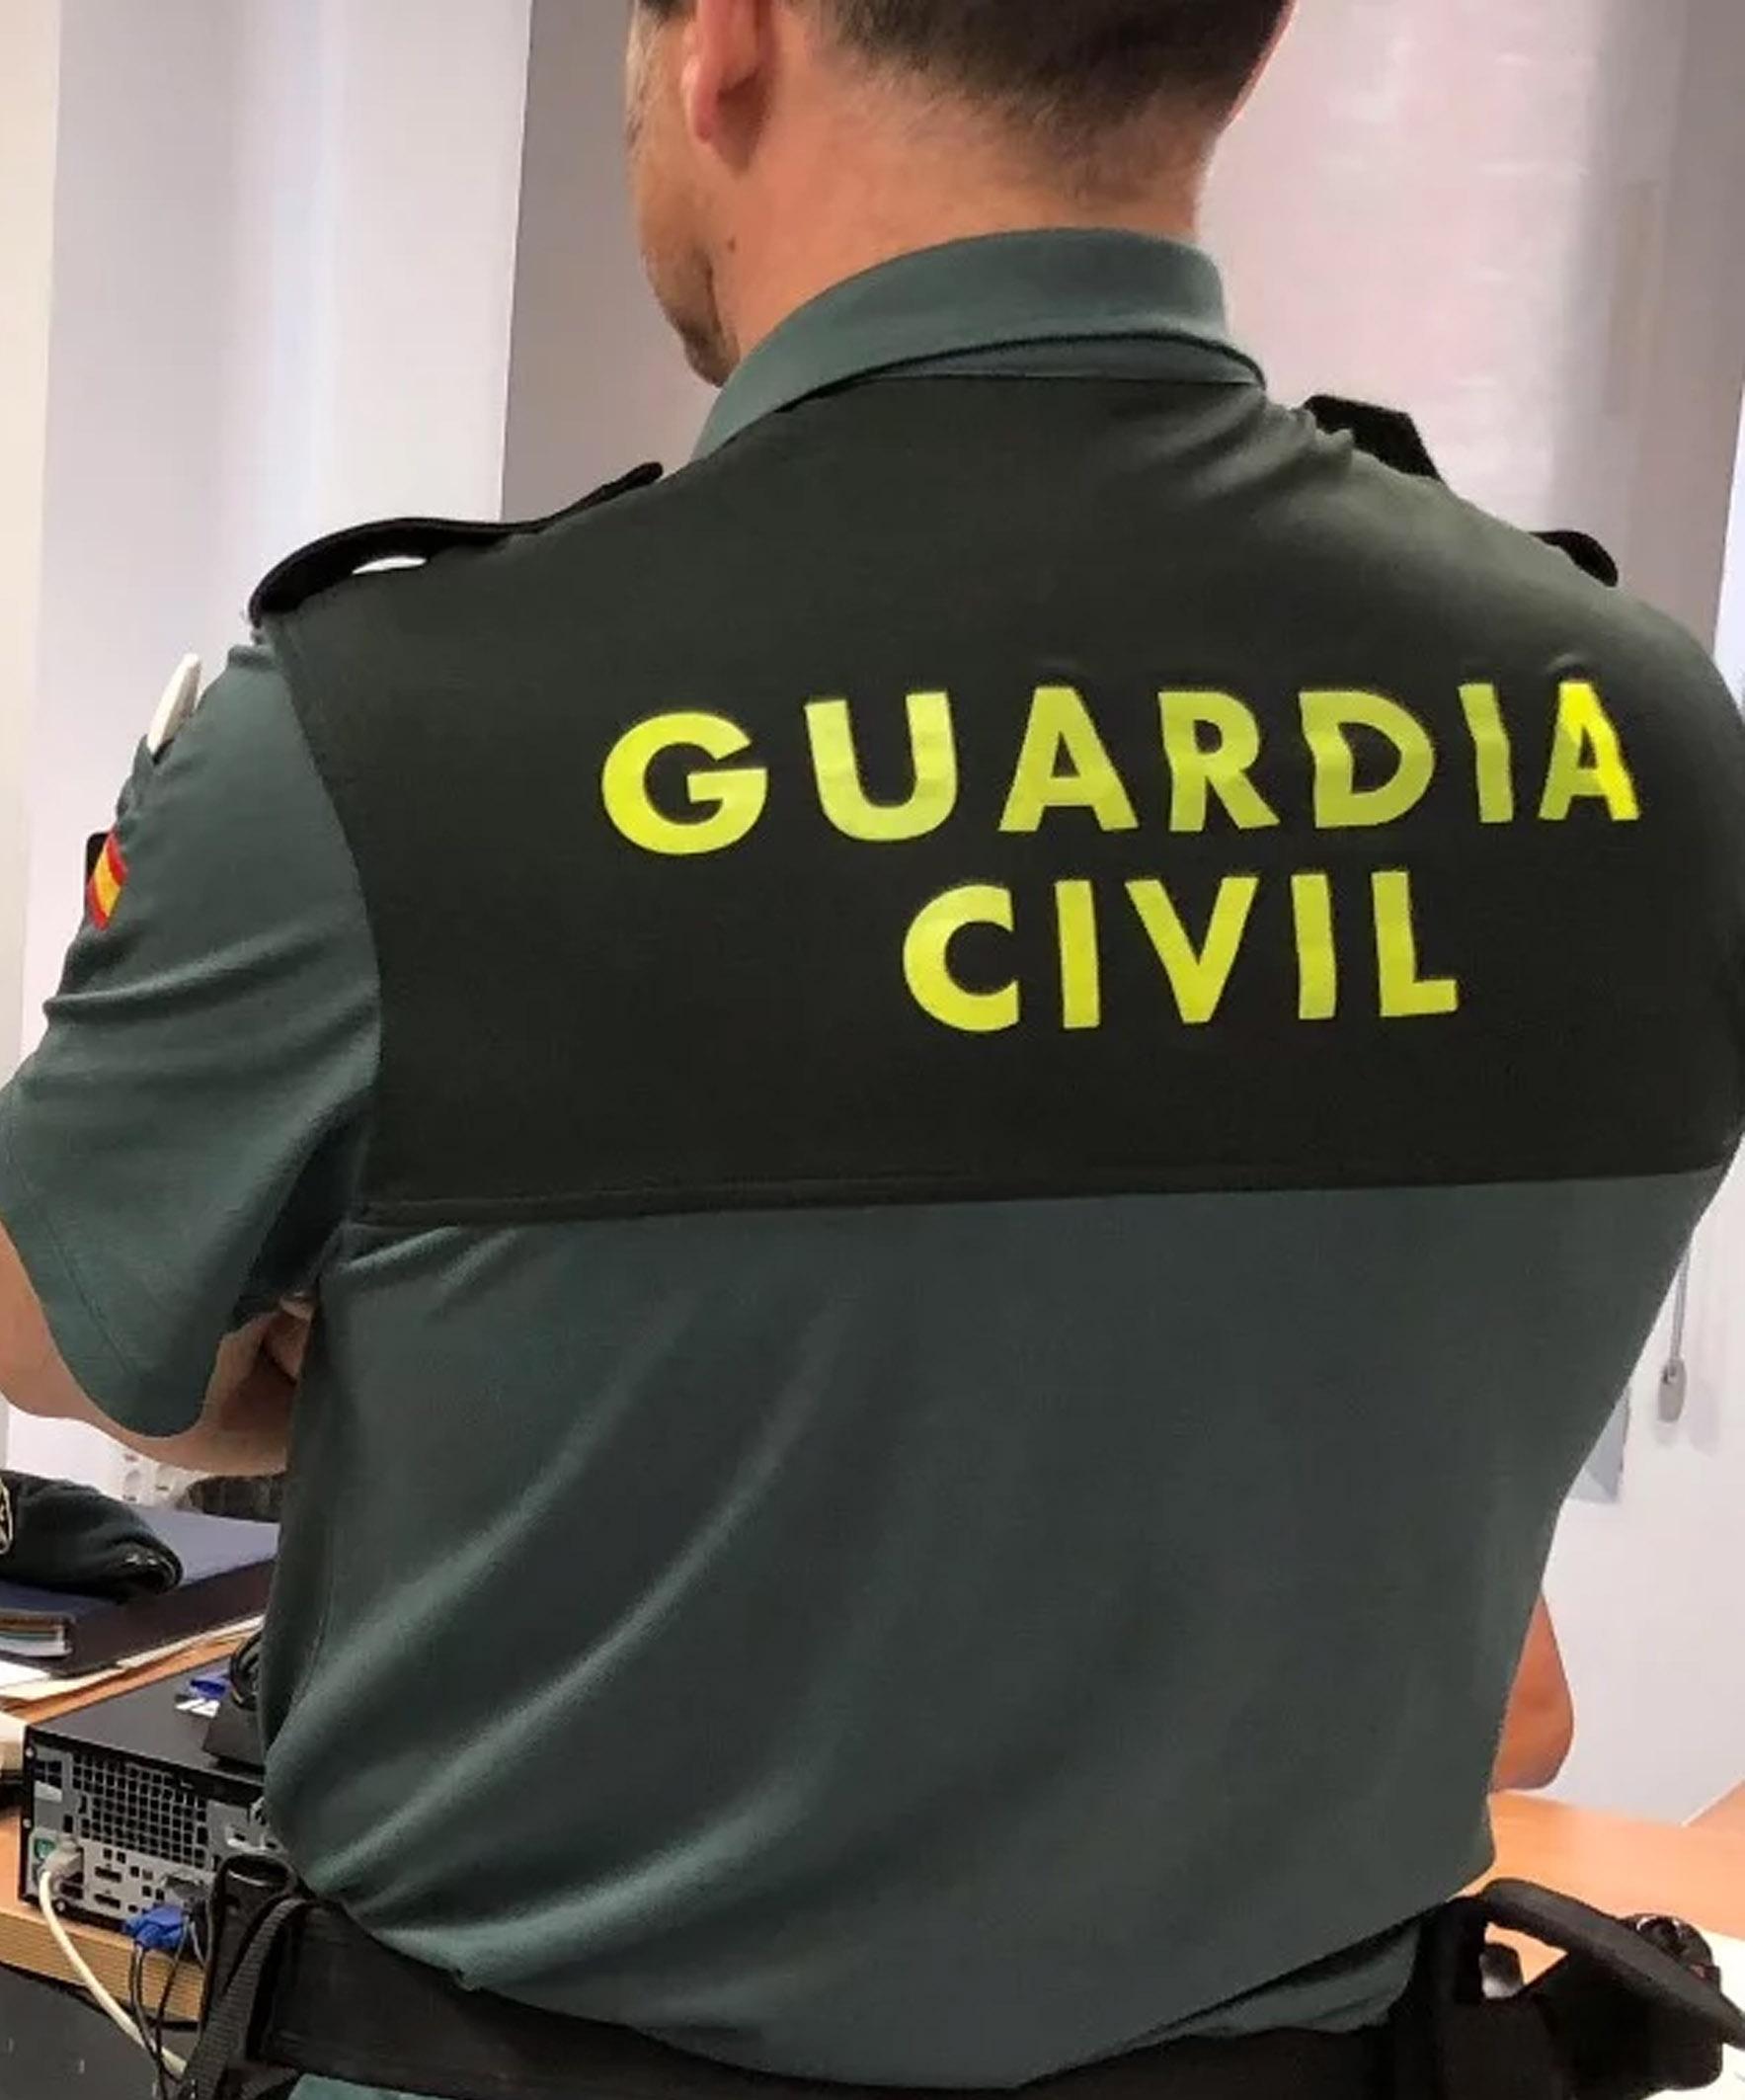 Guardias Civiles perderán 1 día de vacaciones por cada 5% por debajo de un CI de 100.